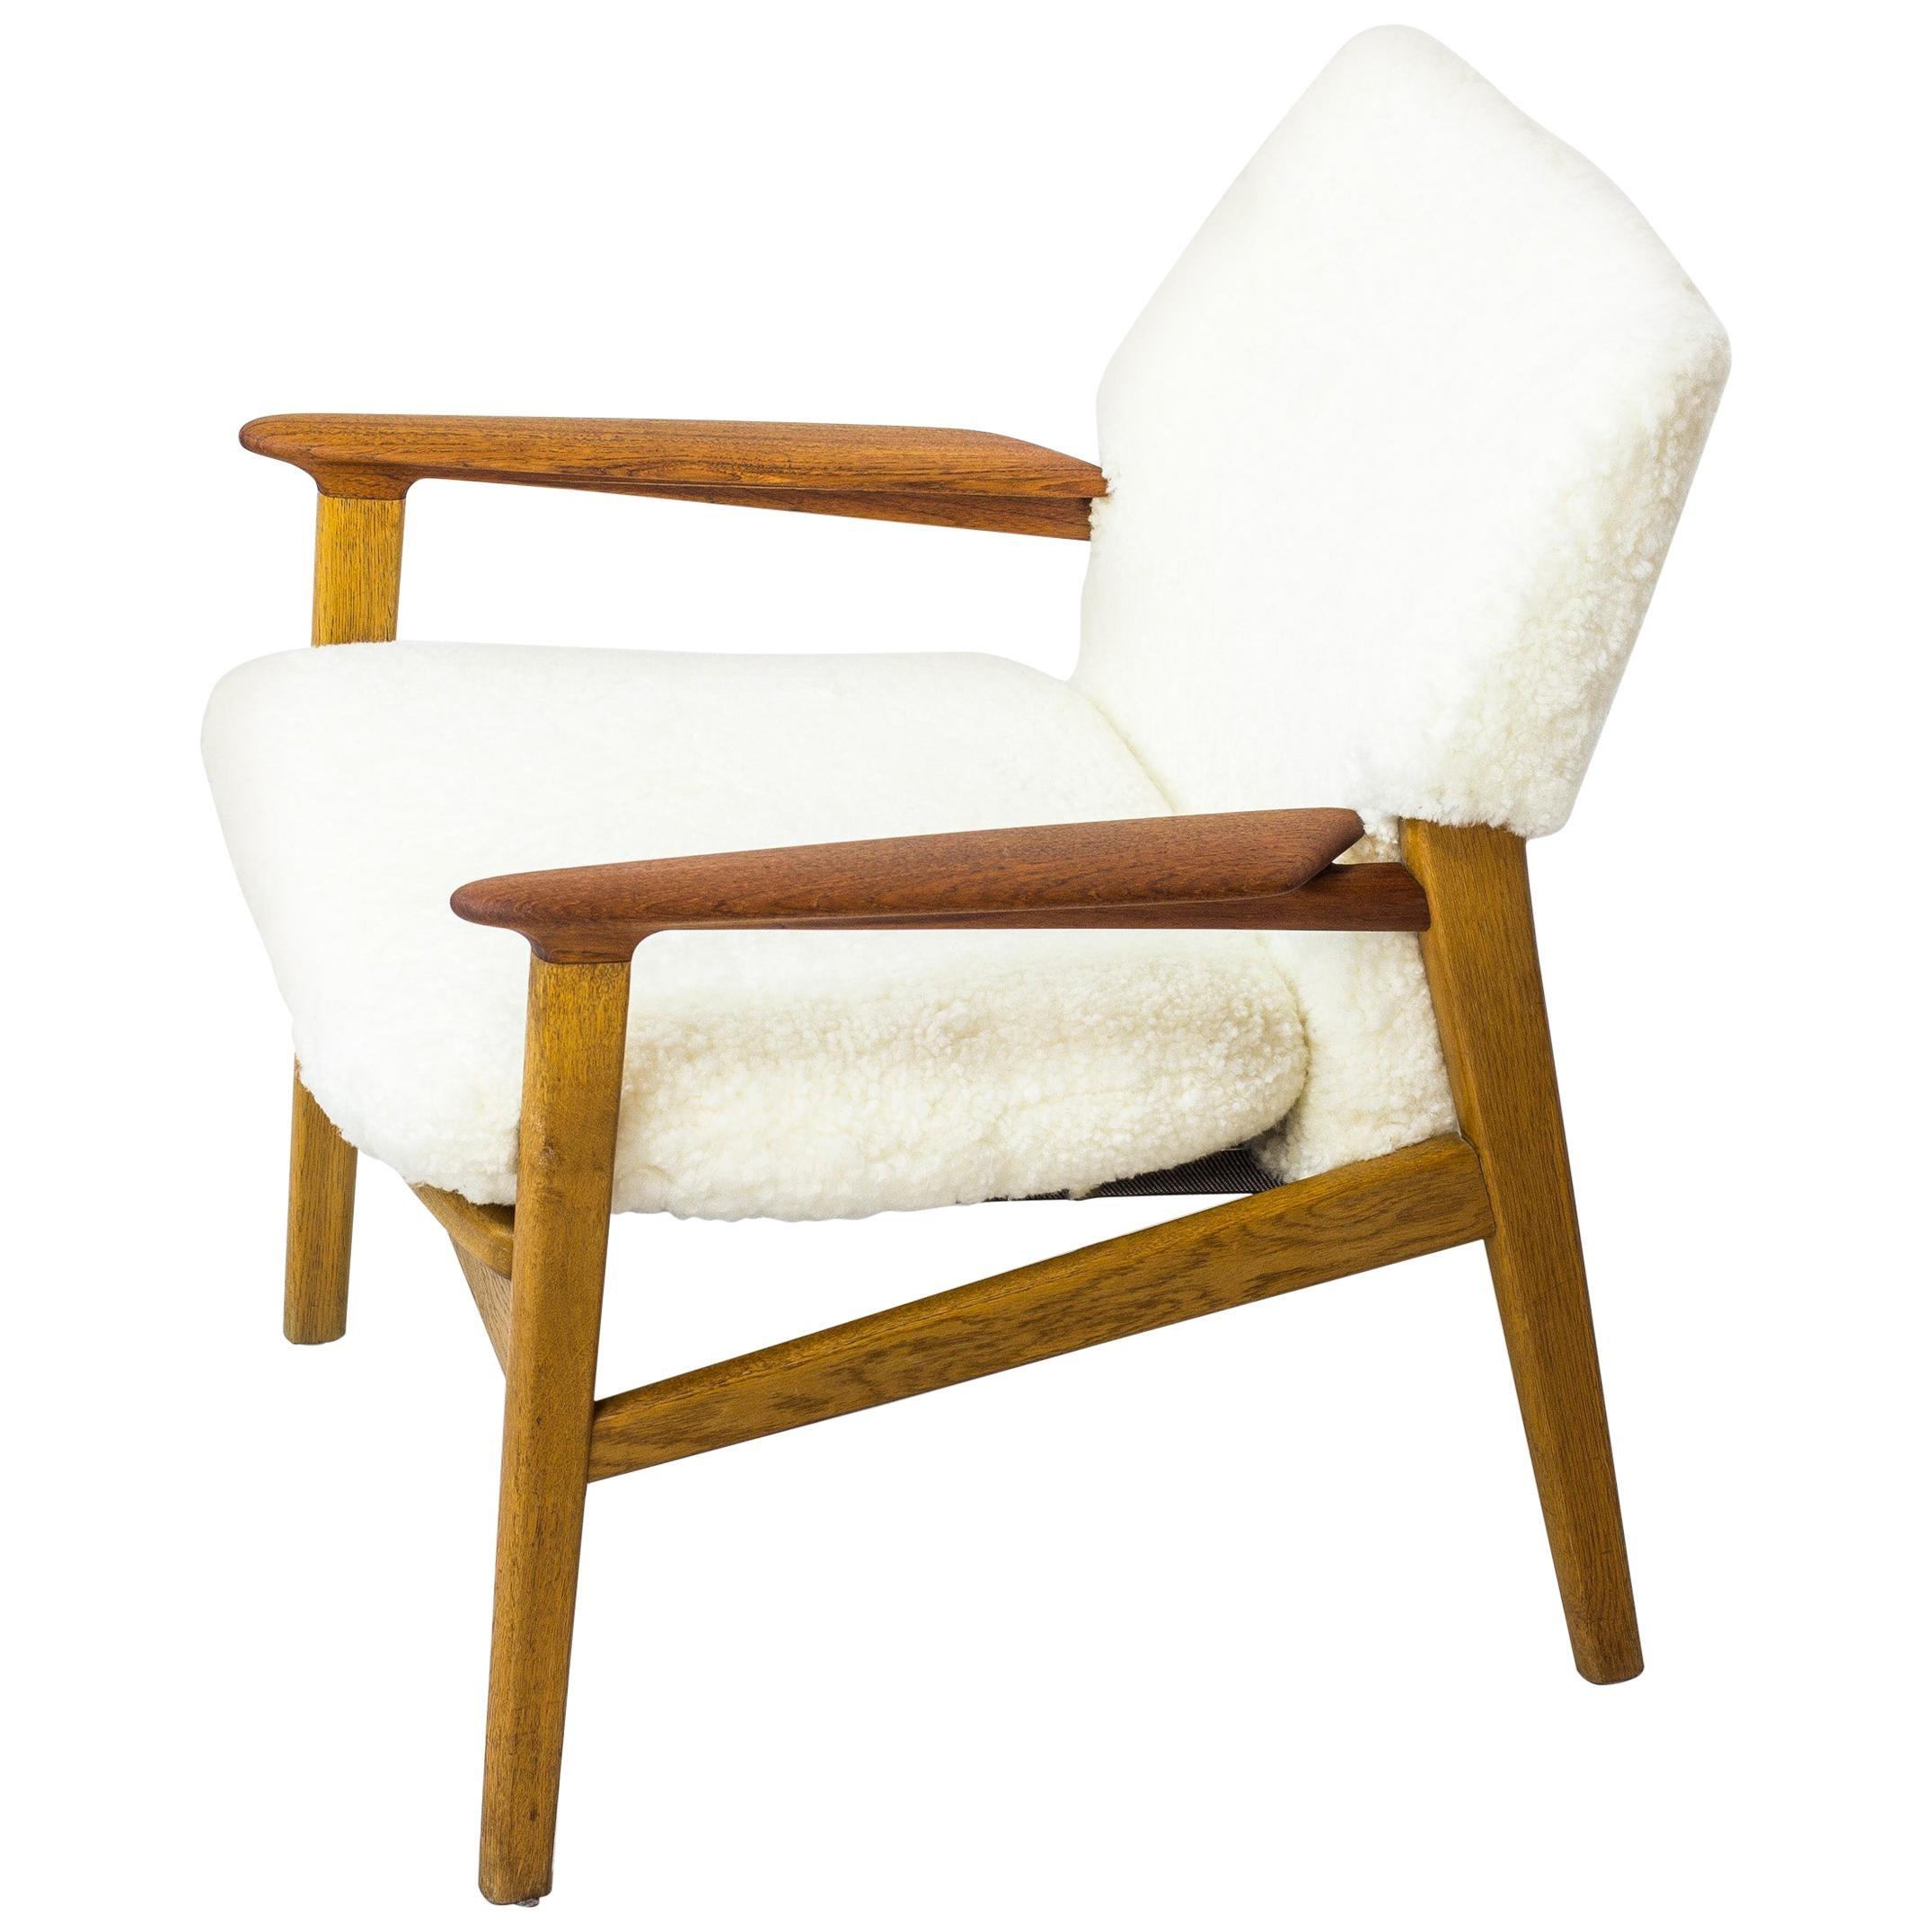 Danish Modern Lounge Chair by Hans Olsen for Verner Birksholm, Denmark, 1950s